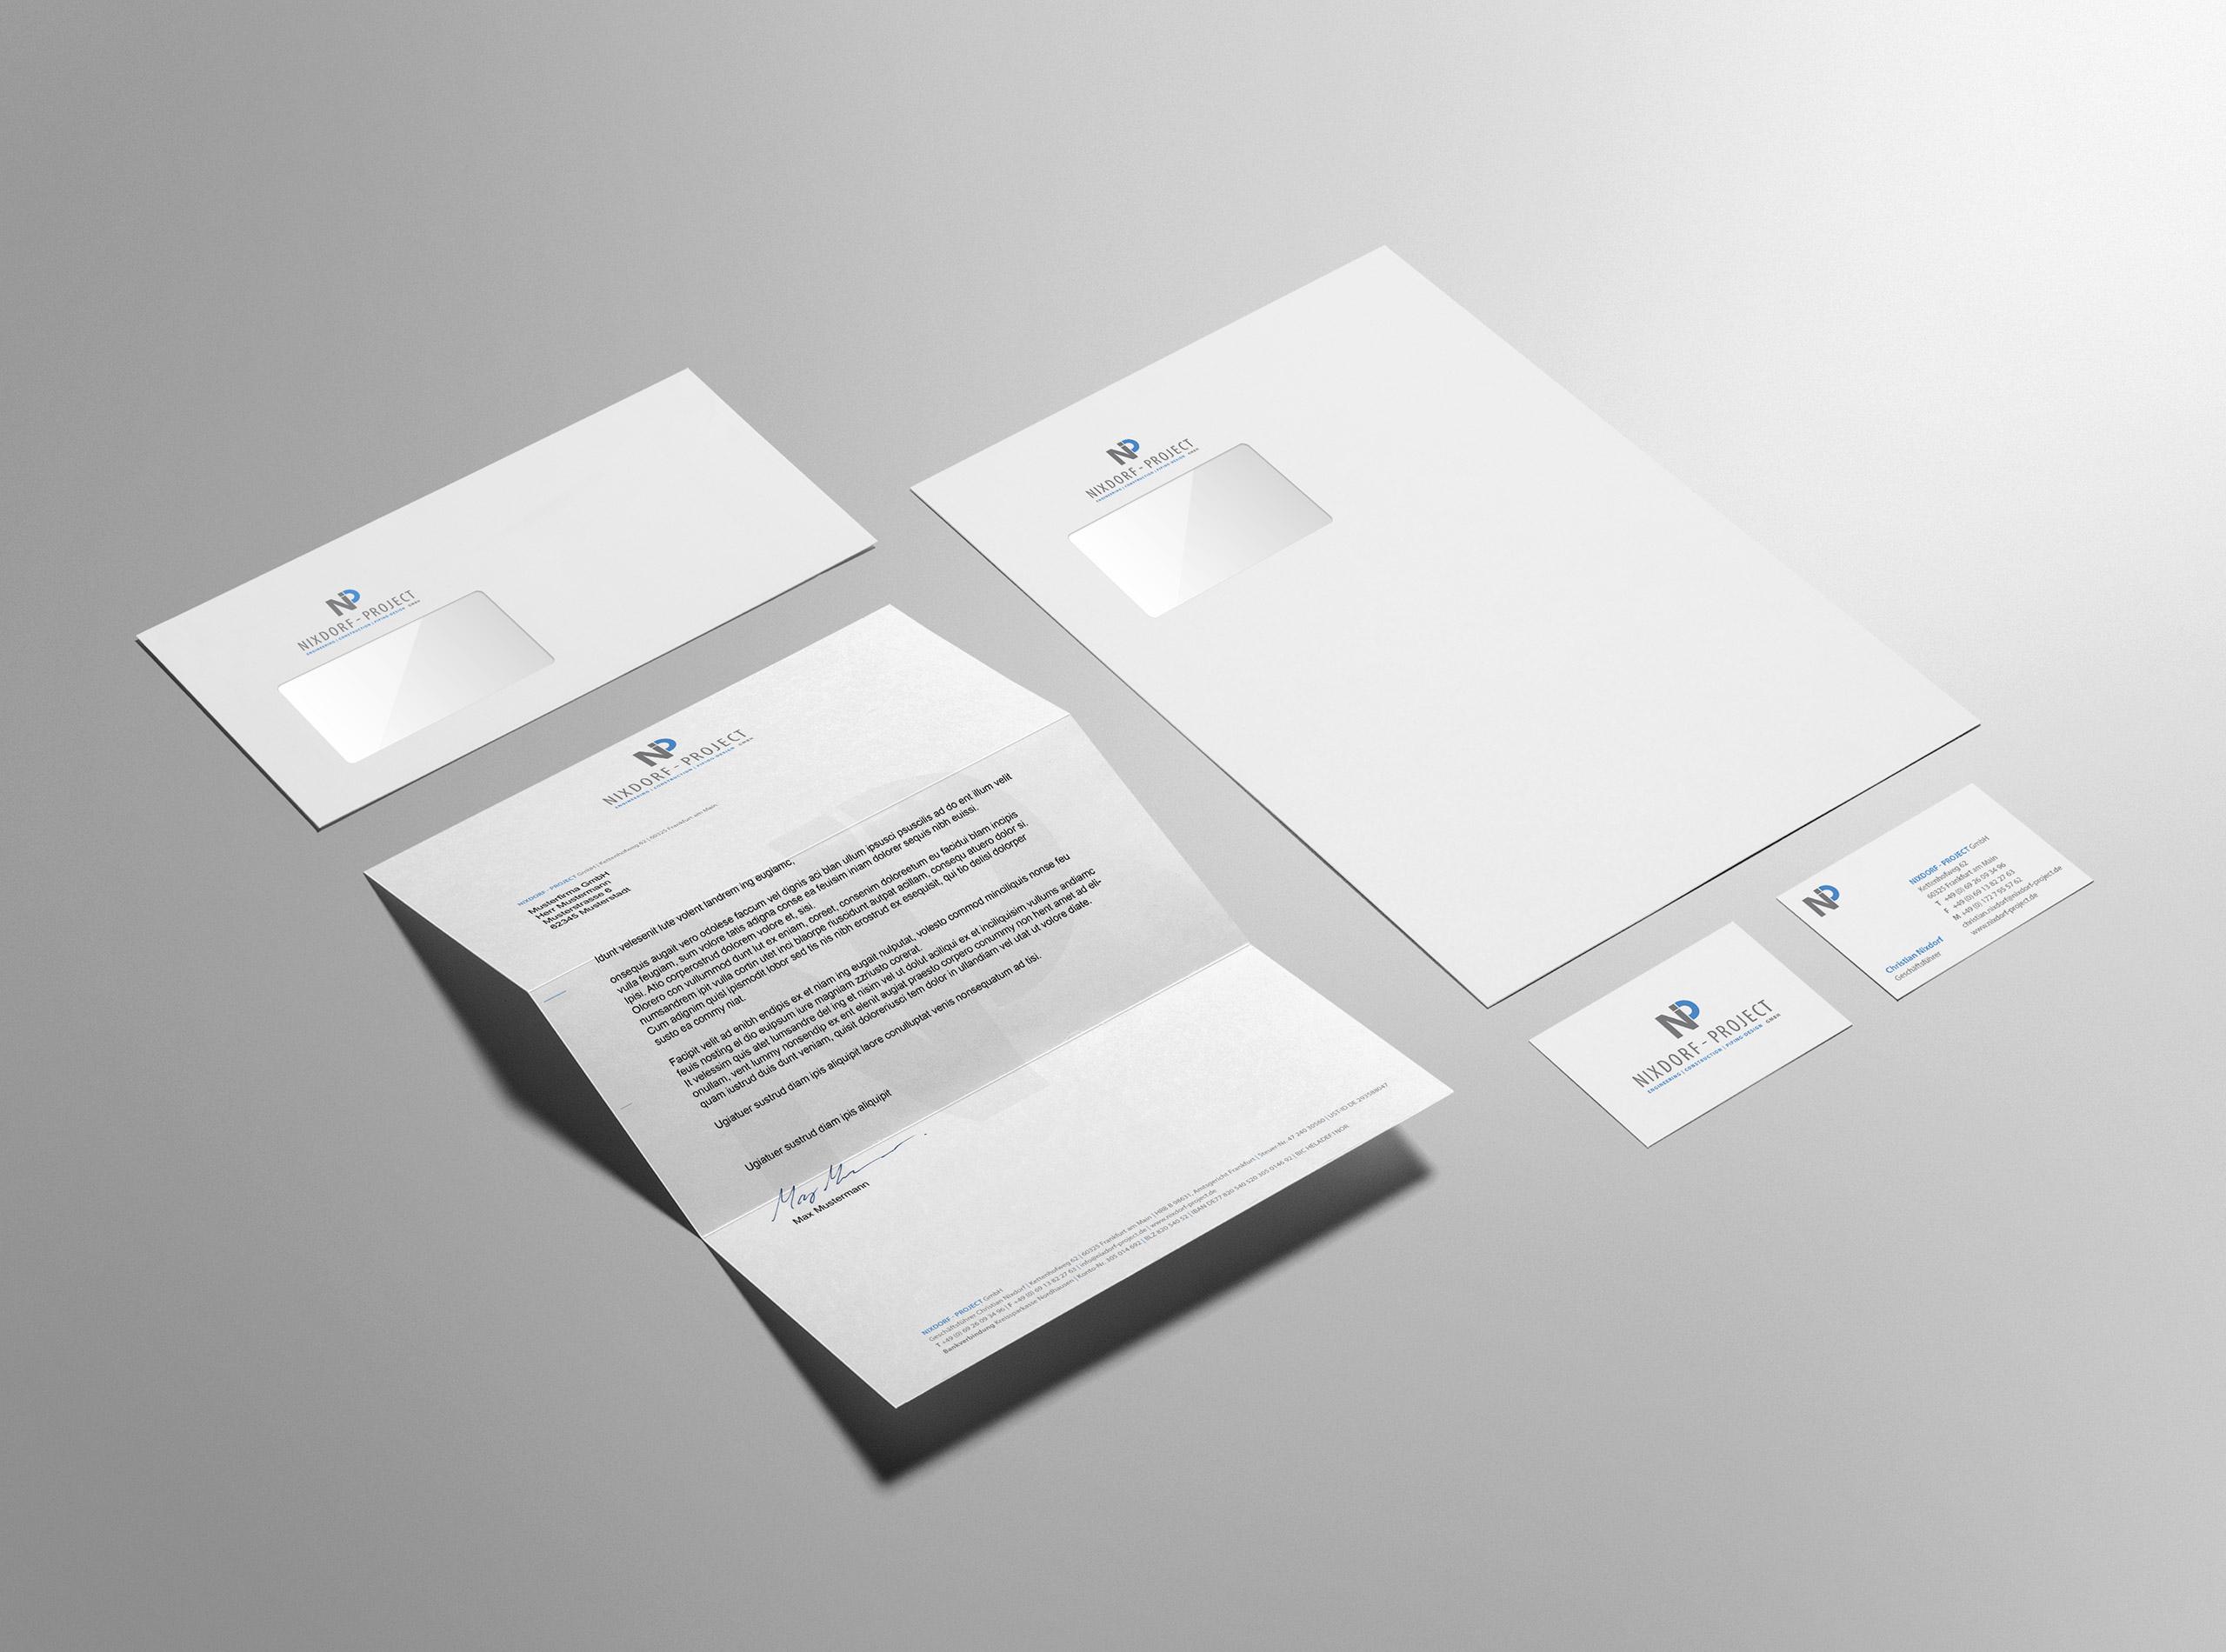 Geschäftsausstattung für die Nixdorf - Project GmbH 2